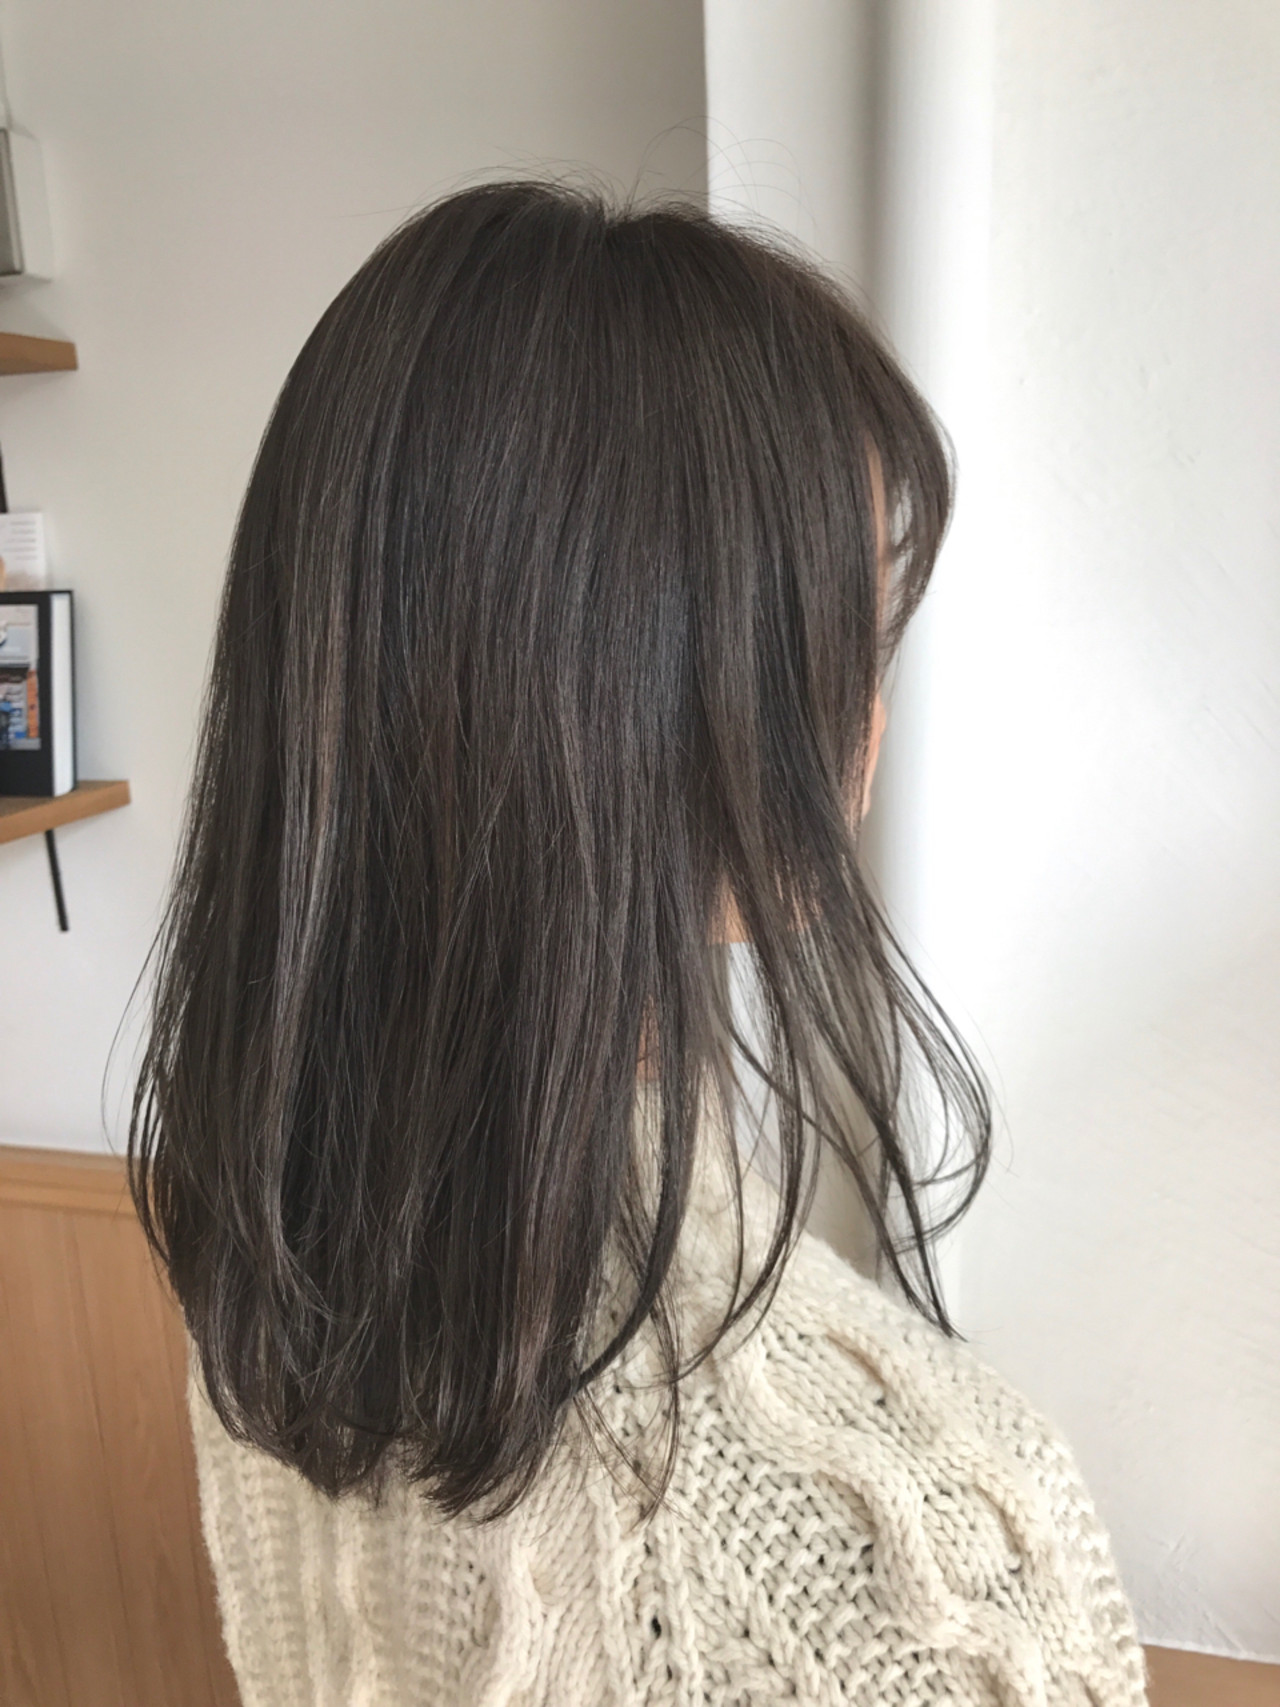 透明感 ナチュラル グレージュ ハイライト ヘアスタイルや髪型の写真・画像